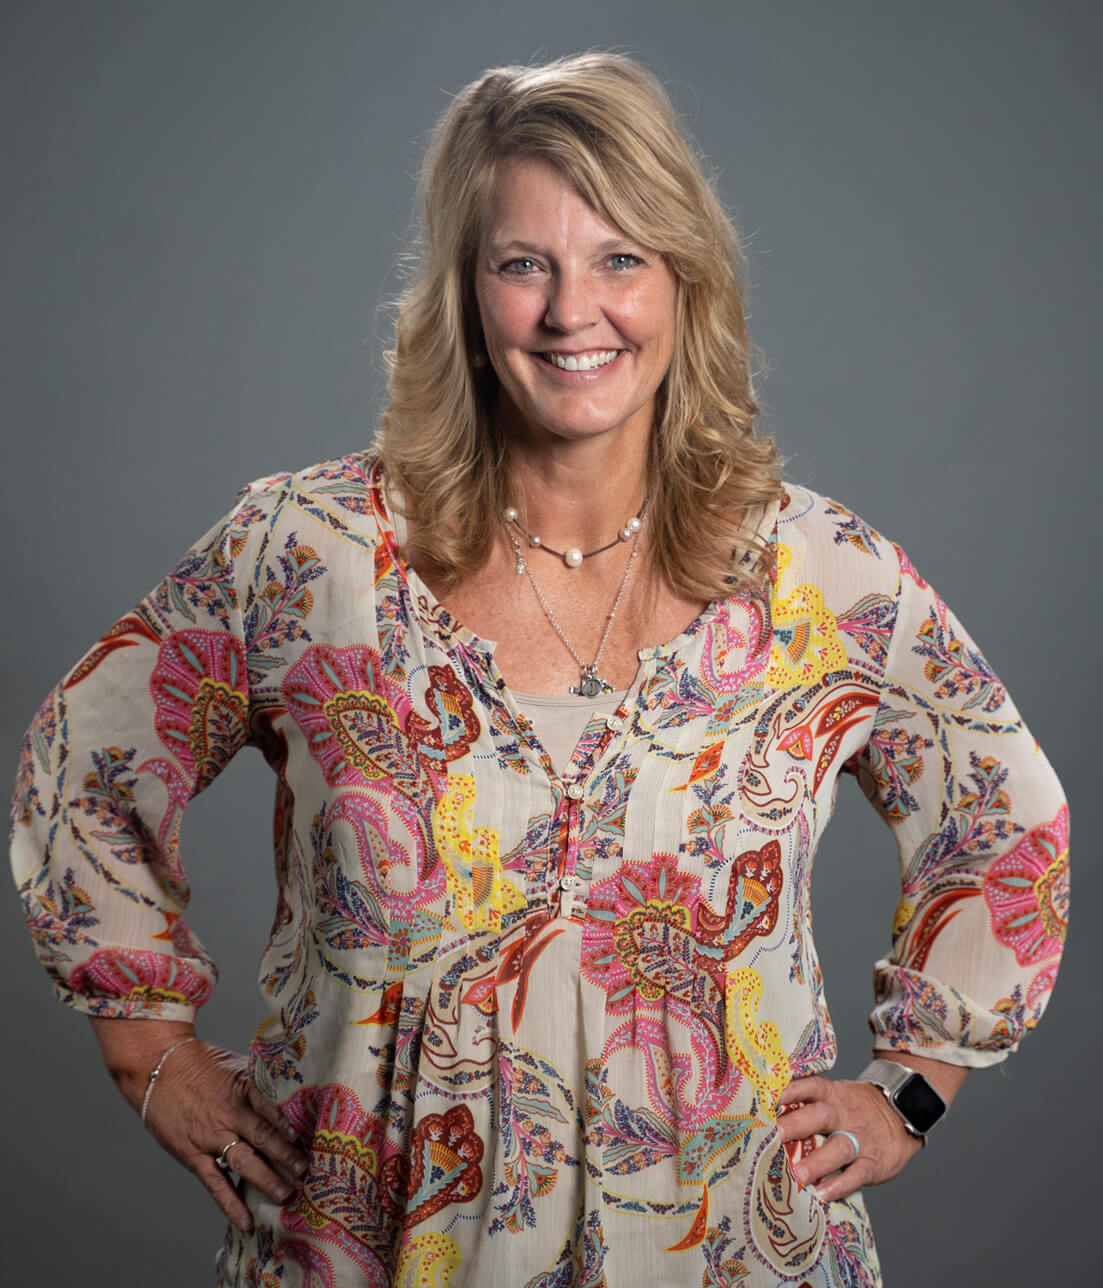 Jill Wicht